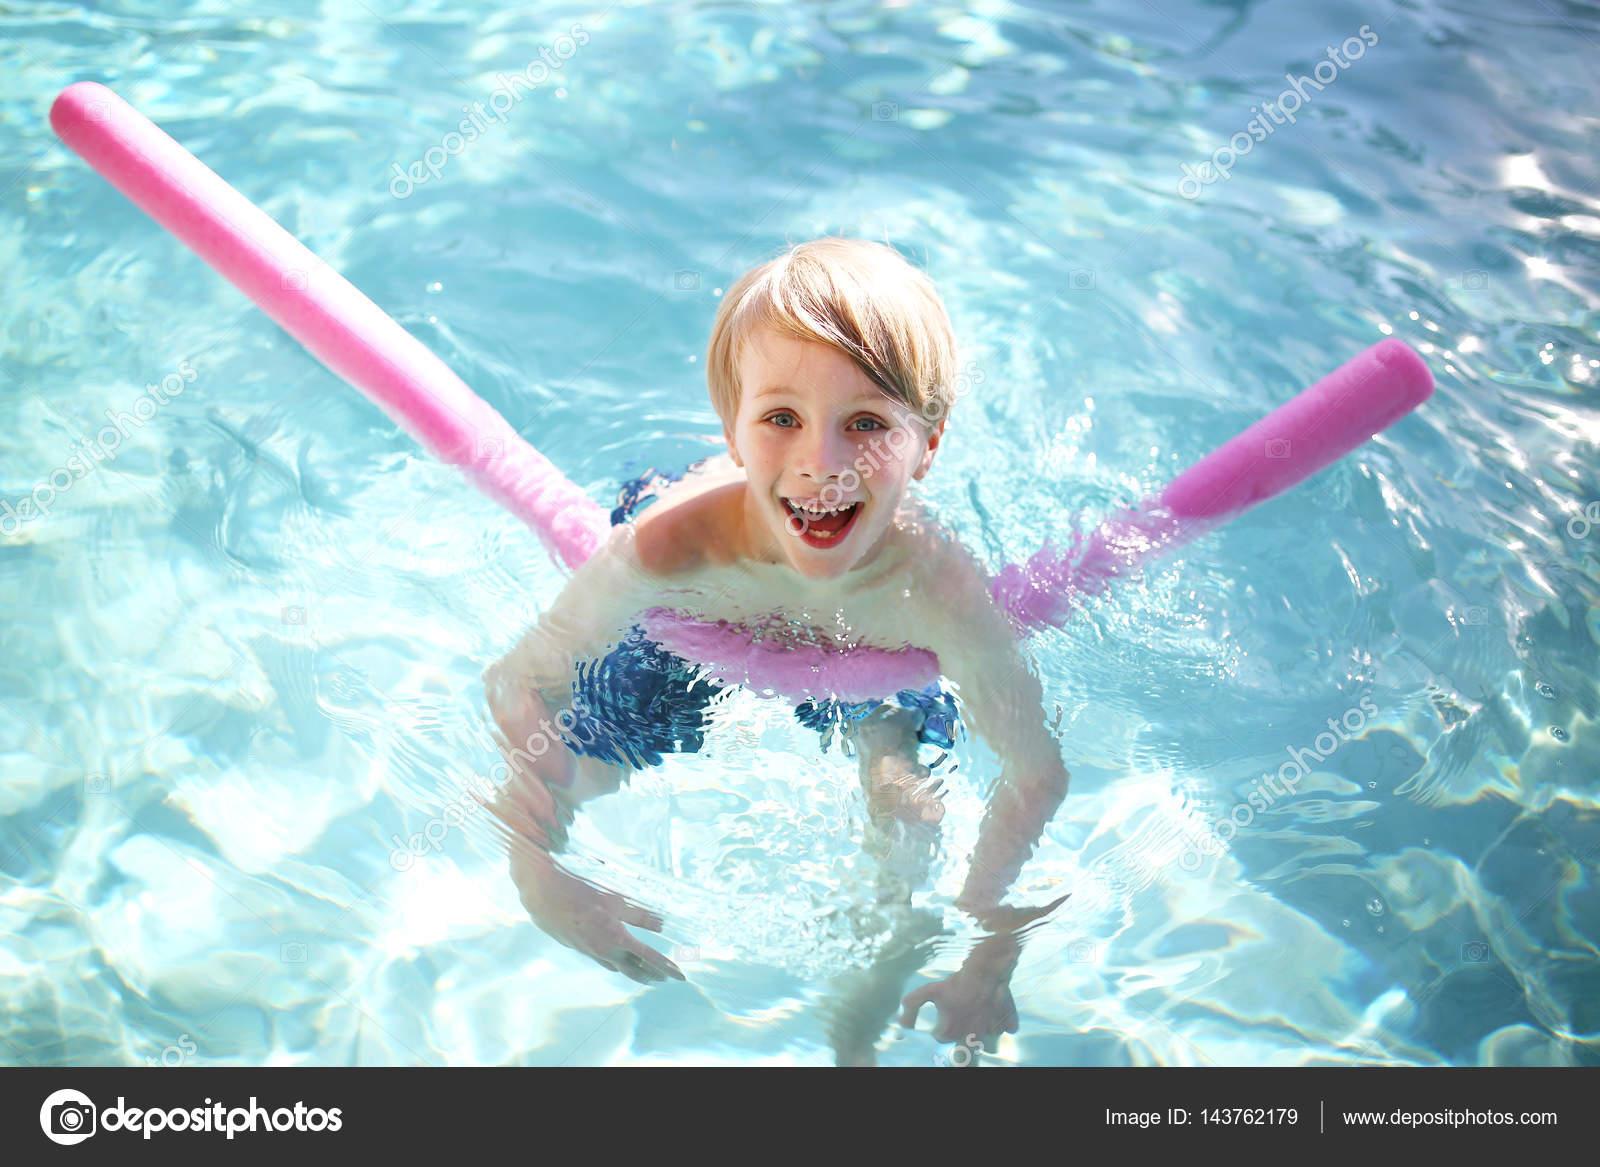 7477d8dcf Un niño de 7 años de edad, feliz y joven muchacho sonríe mientras toma  clases de natación con una diversión flotante fideos fuera en la piscina en  un día de ...